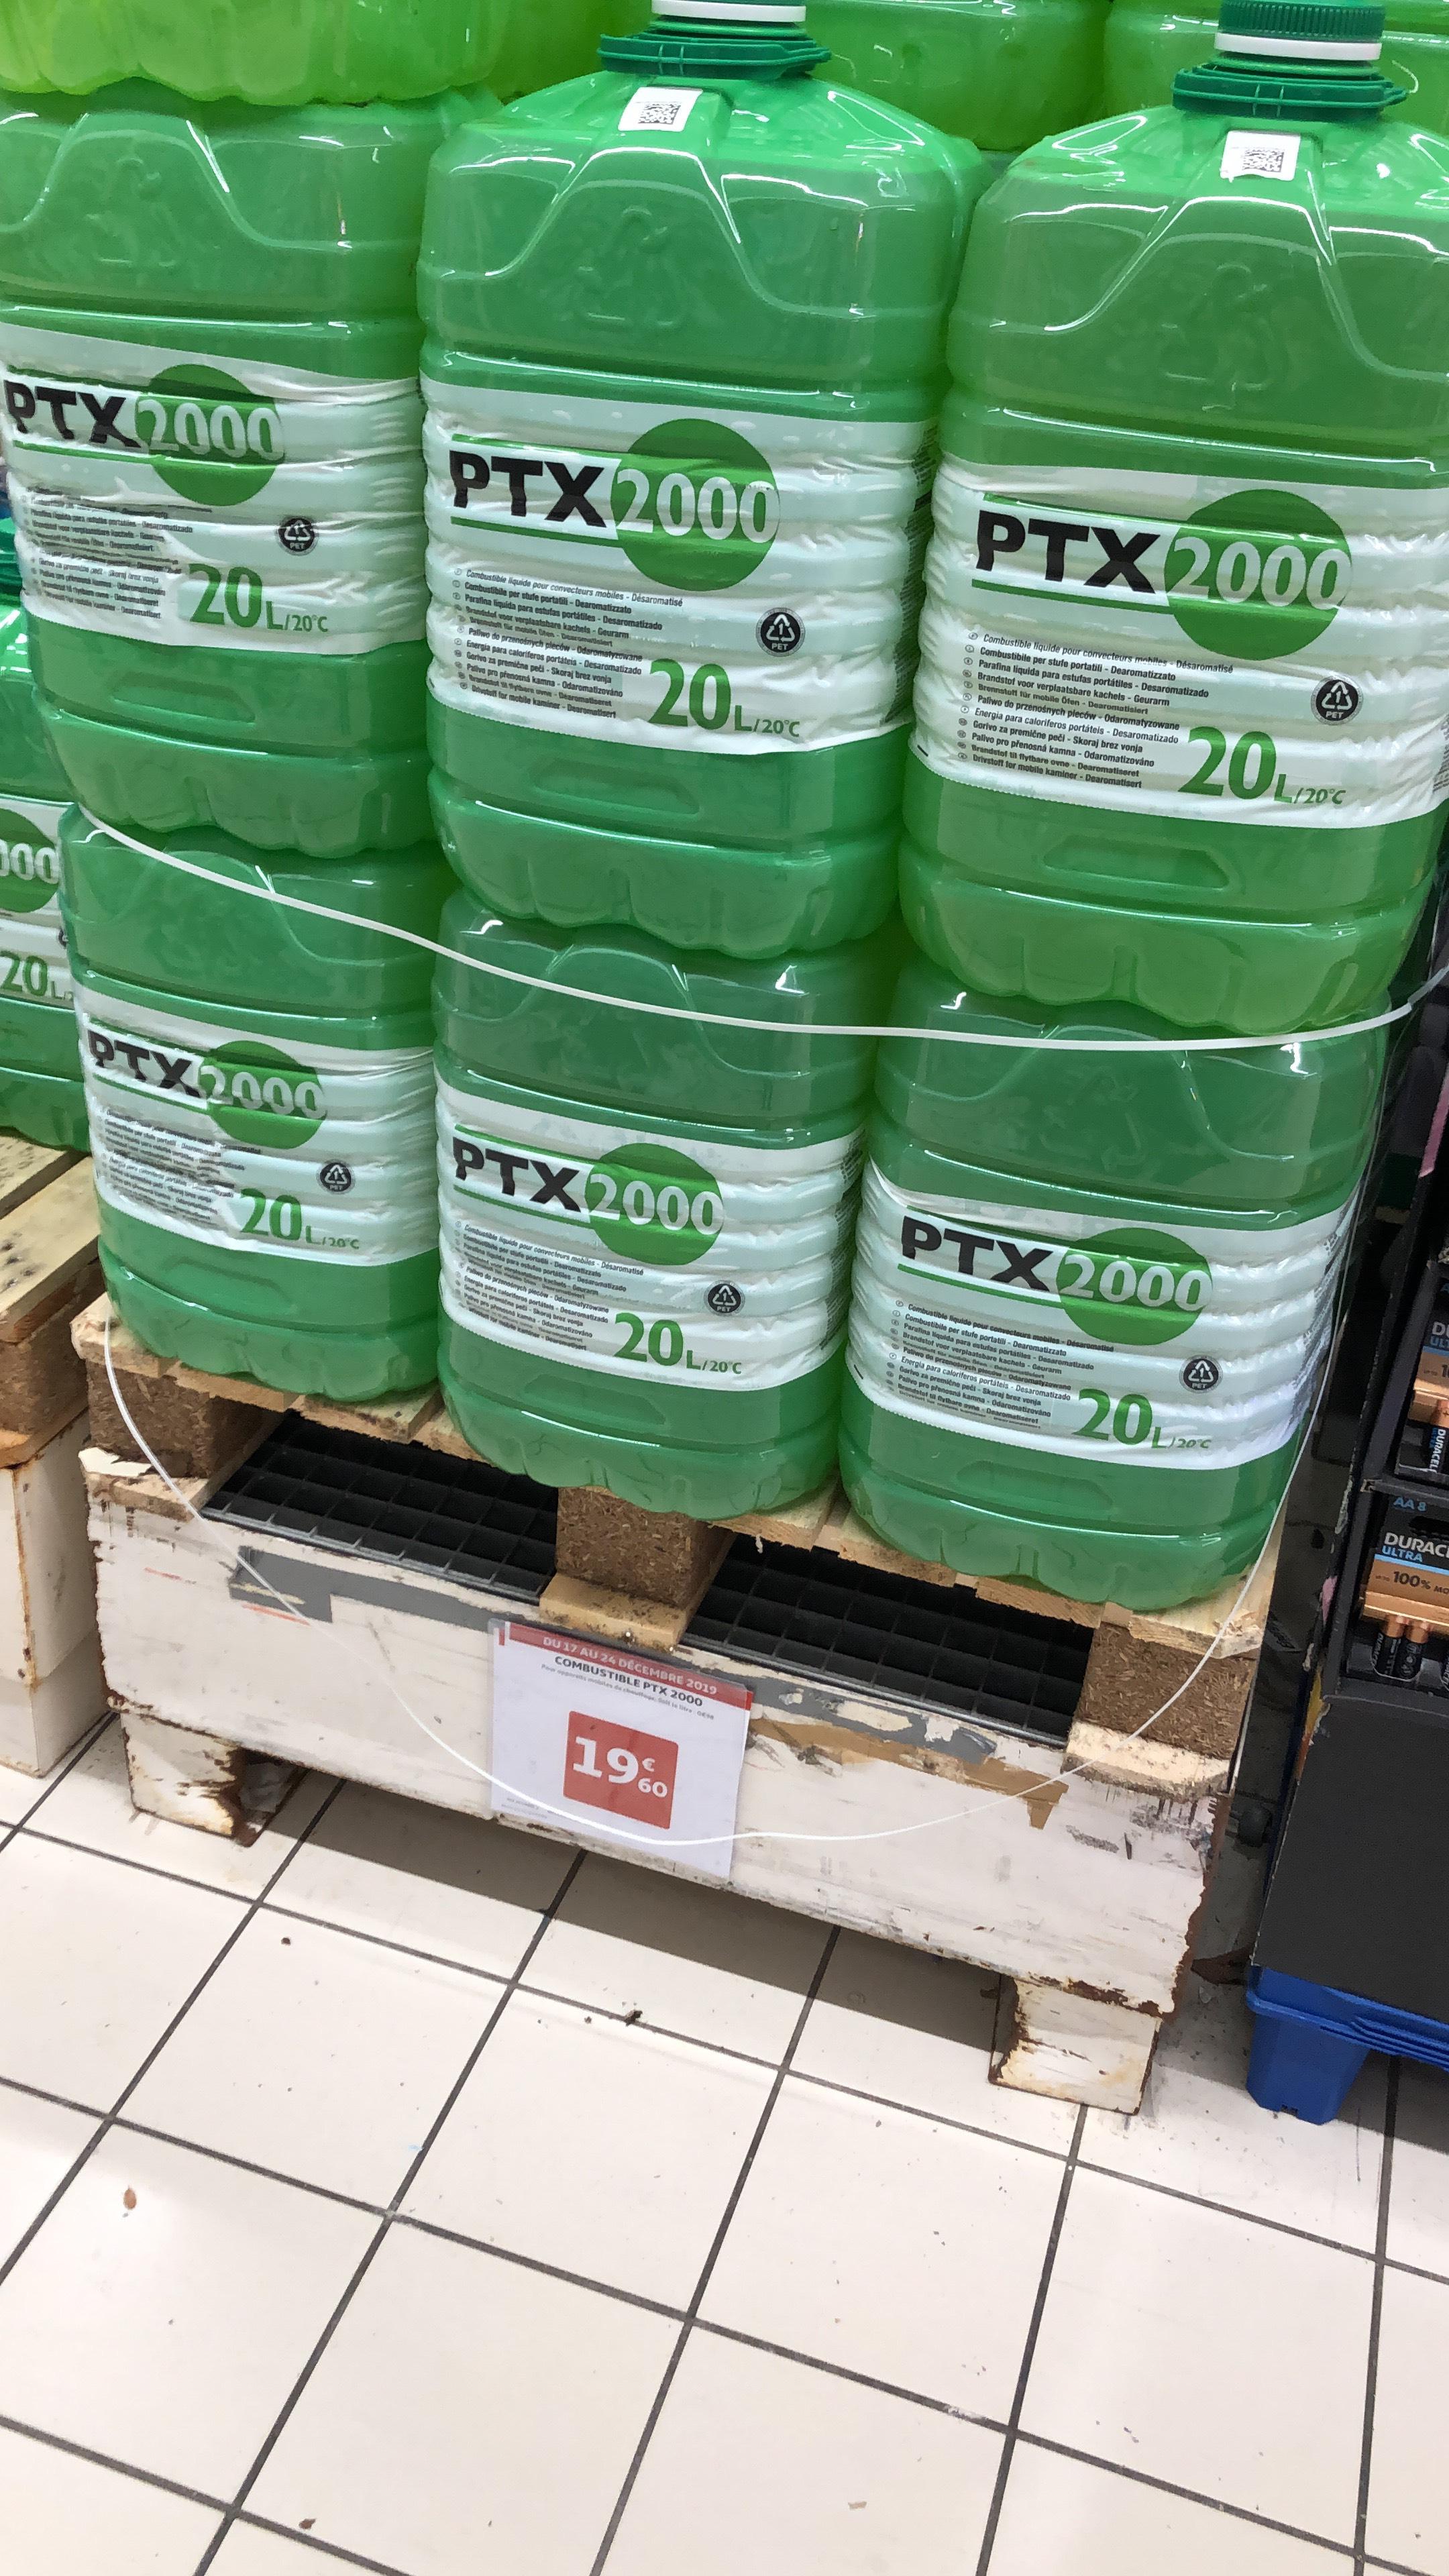 Bidon De Combustible Pour Poêle à Pétrole Ptx2000 20l